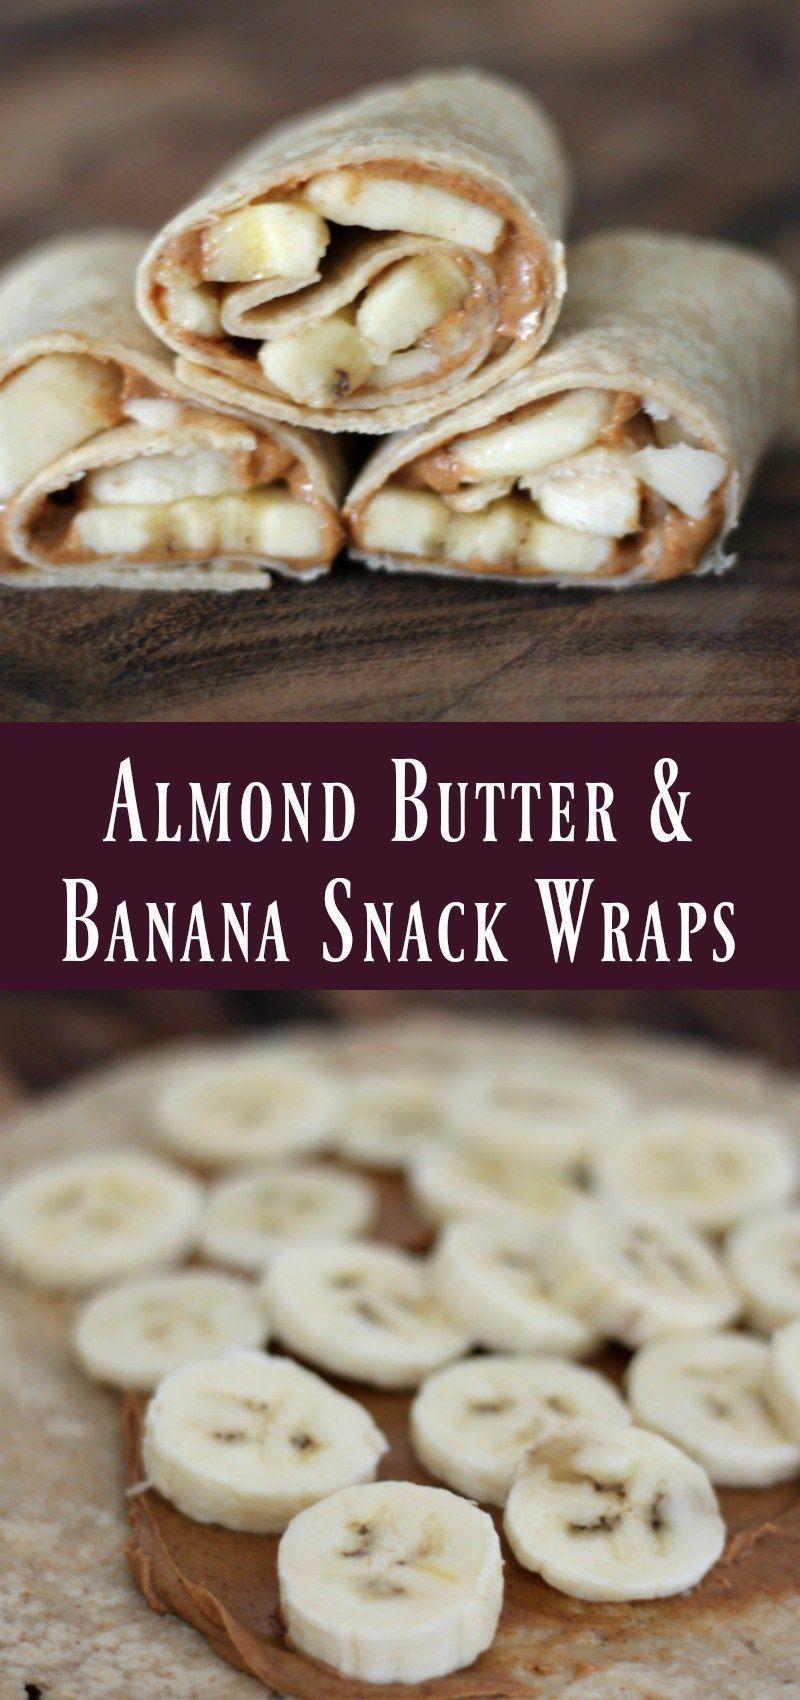 Almond Butter & Banana Snack Wraps - Organize Yourself Skinny #wrapshapjes